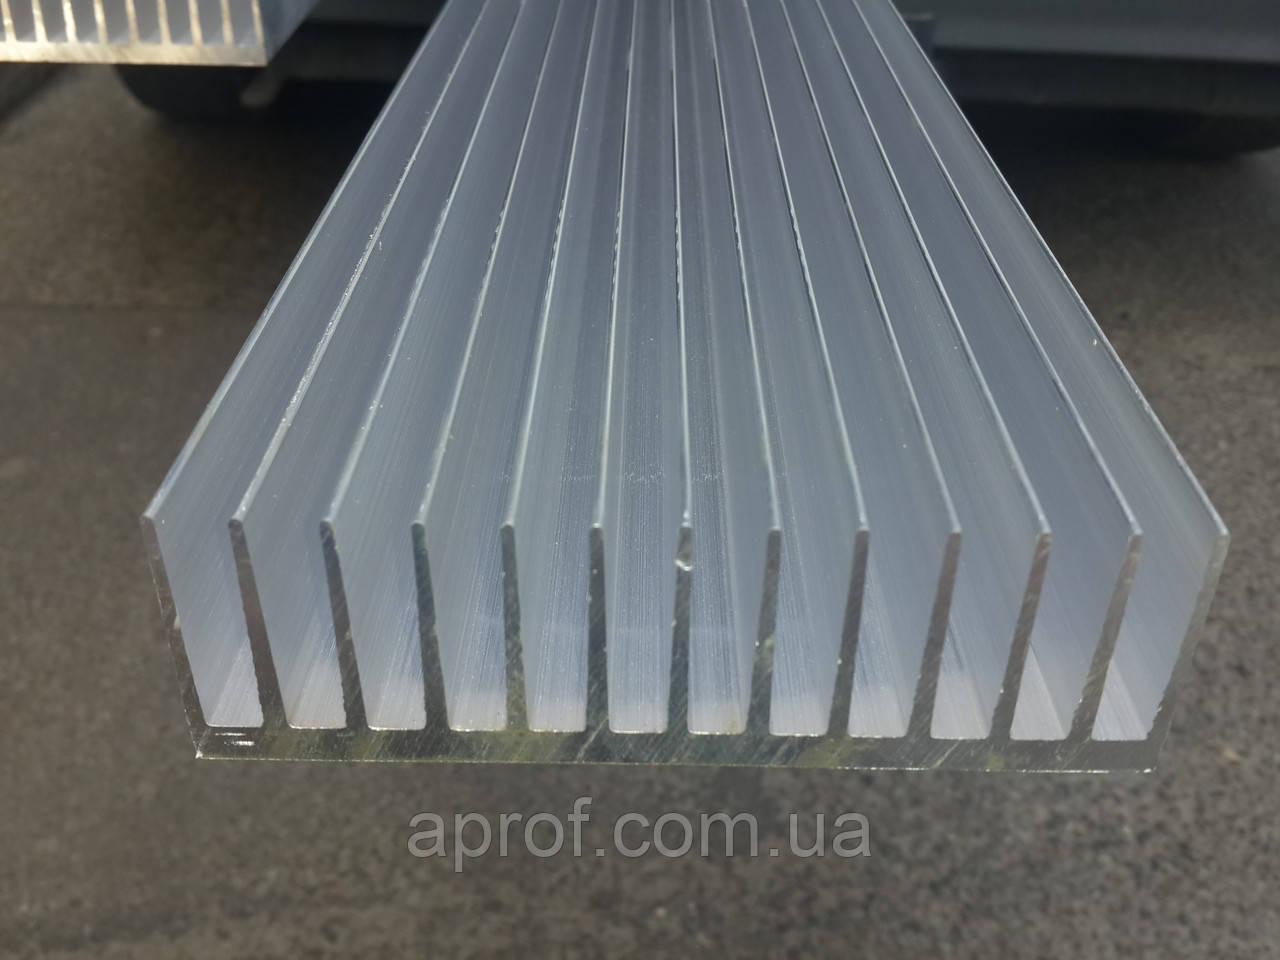 Радіаторний алюмінієвий профіль 122х38 мм